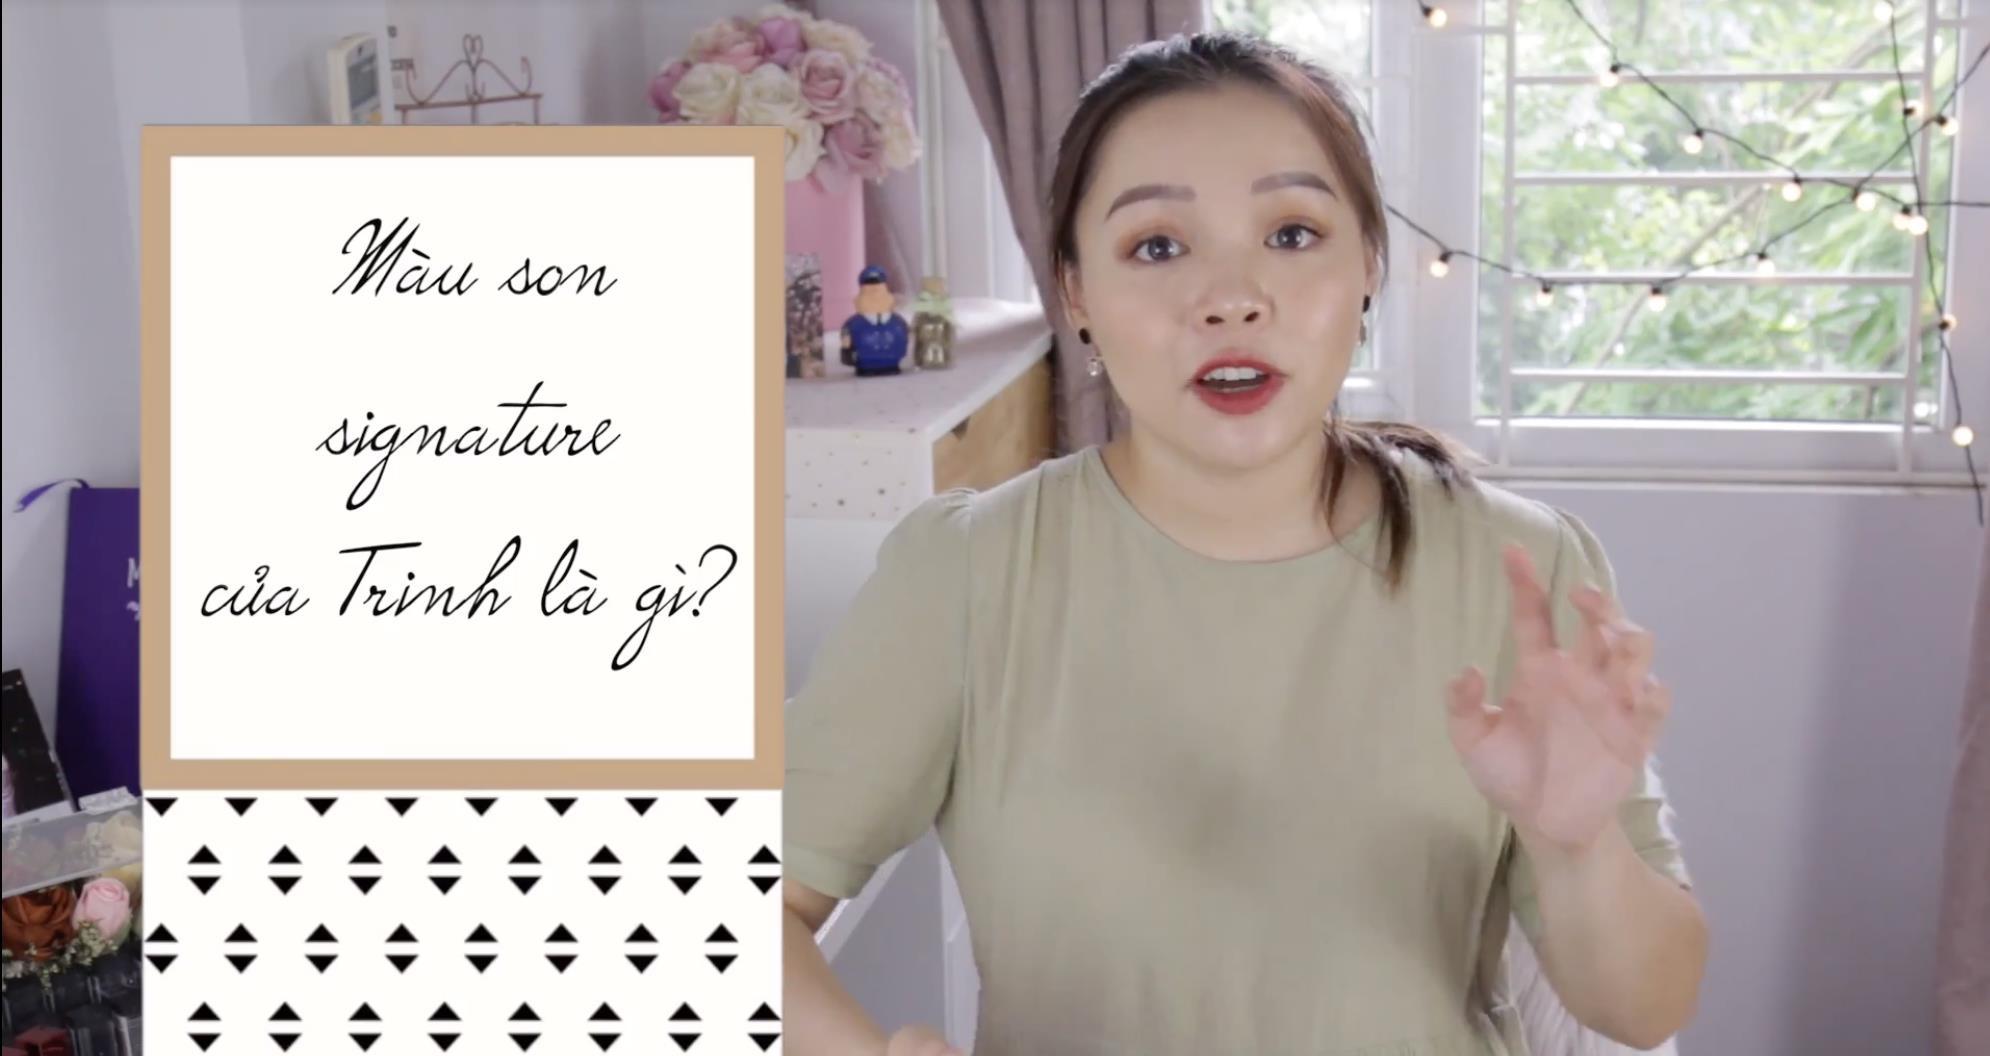 """Cùng soi BST son siêu to khổng lồ của beauty blogger Trinh Phạm mà mọi cô gái đều """"thèm muốn"""" - Ảnh 7."""